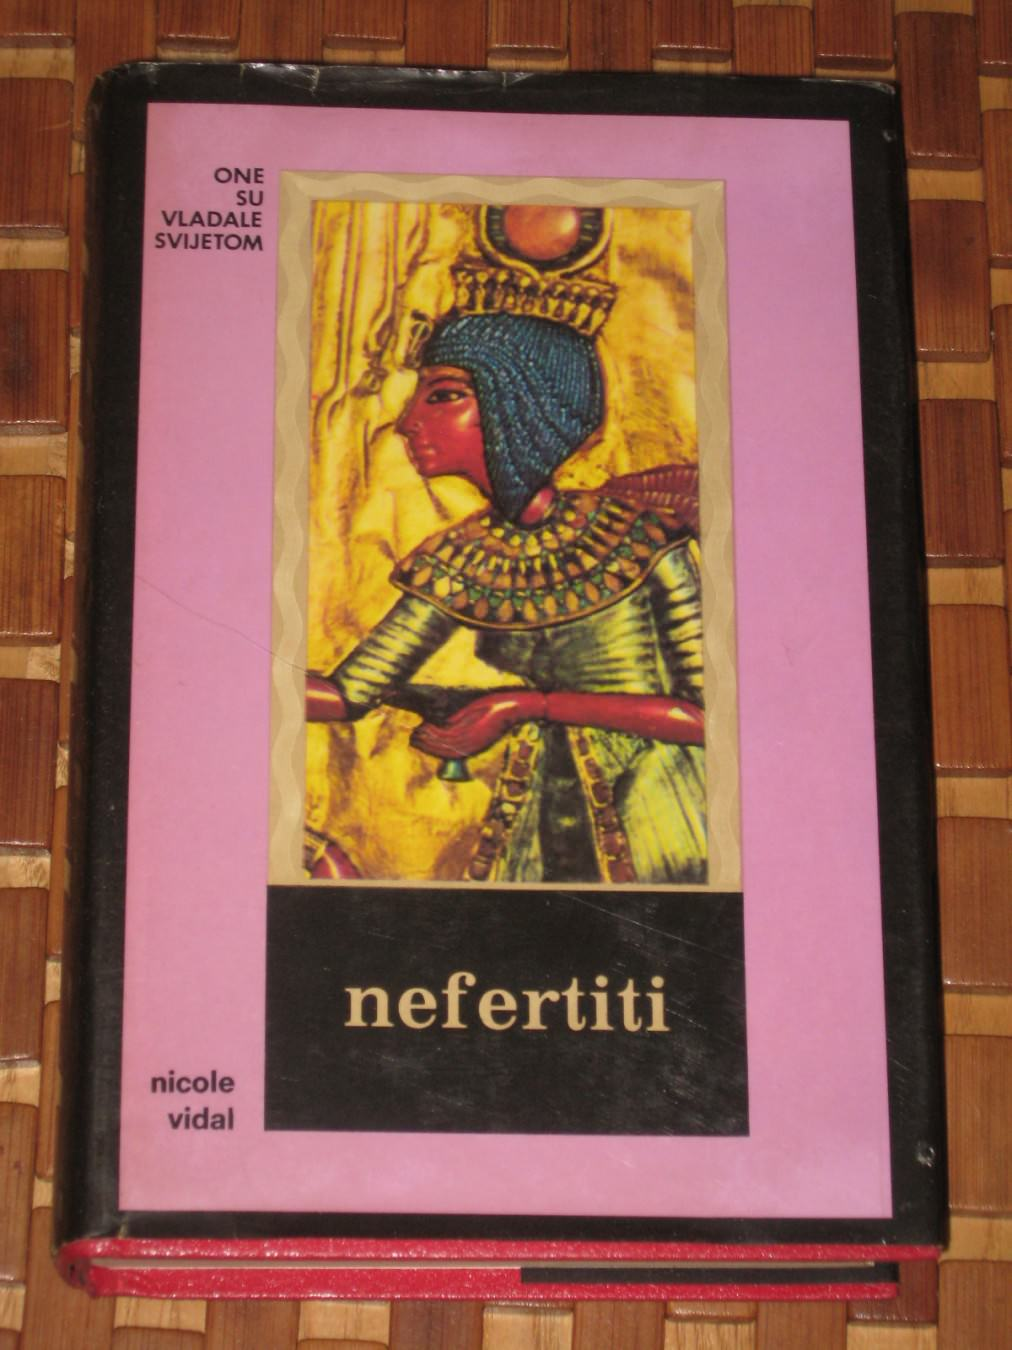 nefertiti-nicole-vidal_slika_O_1752166.j